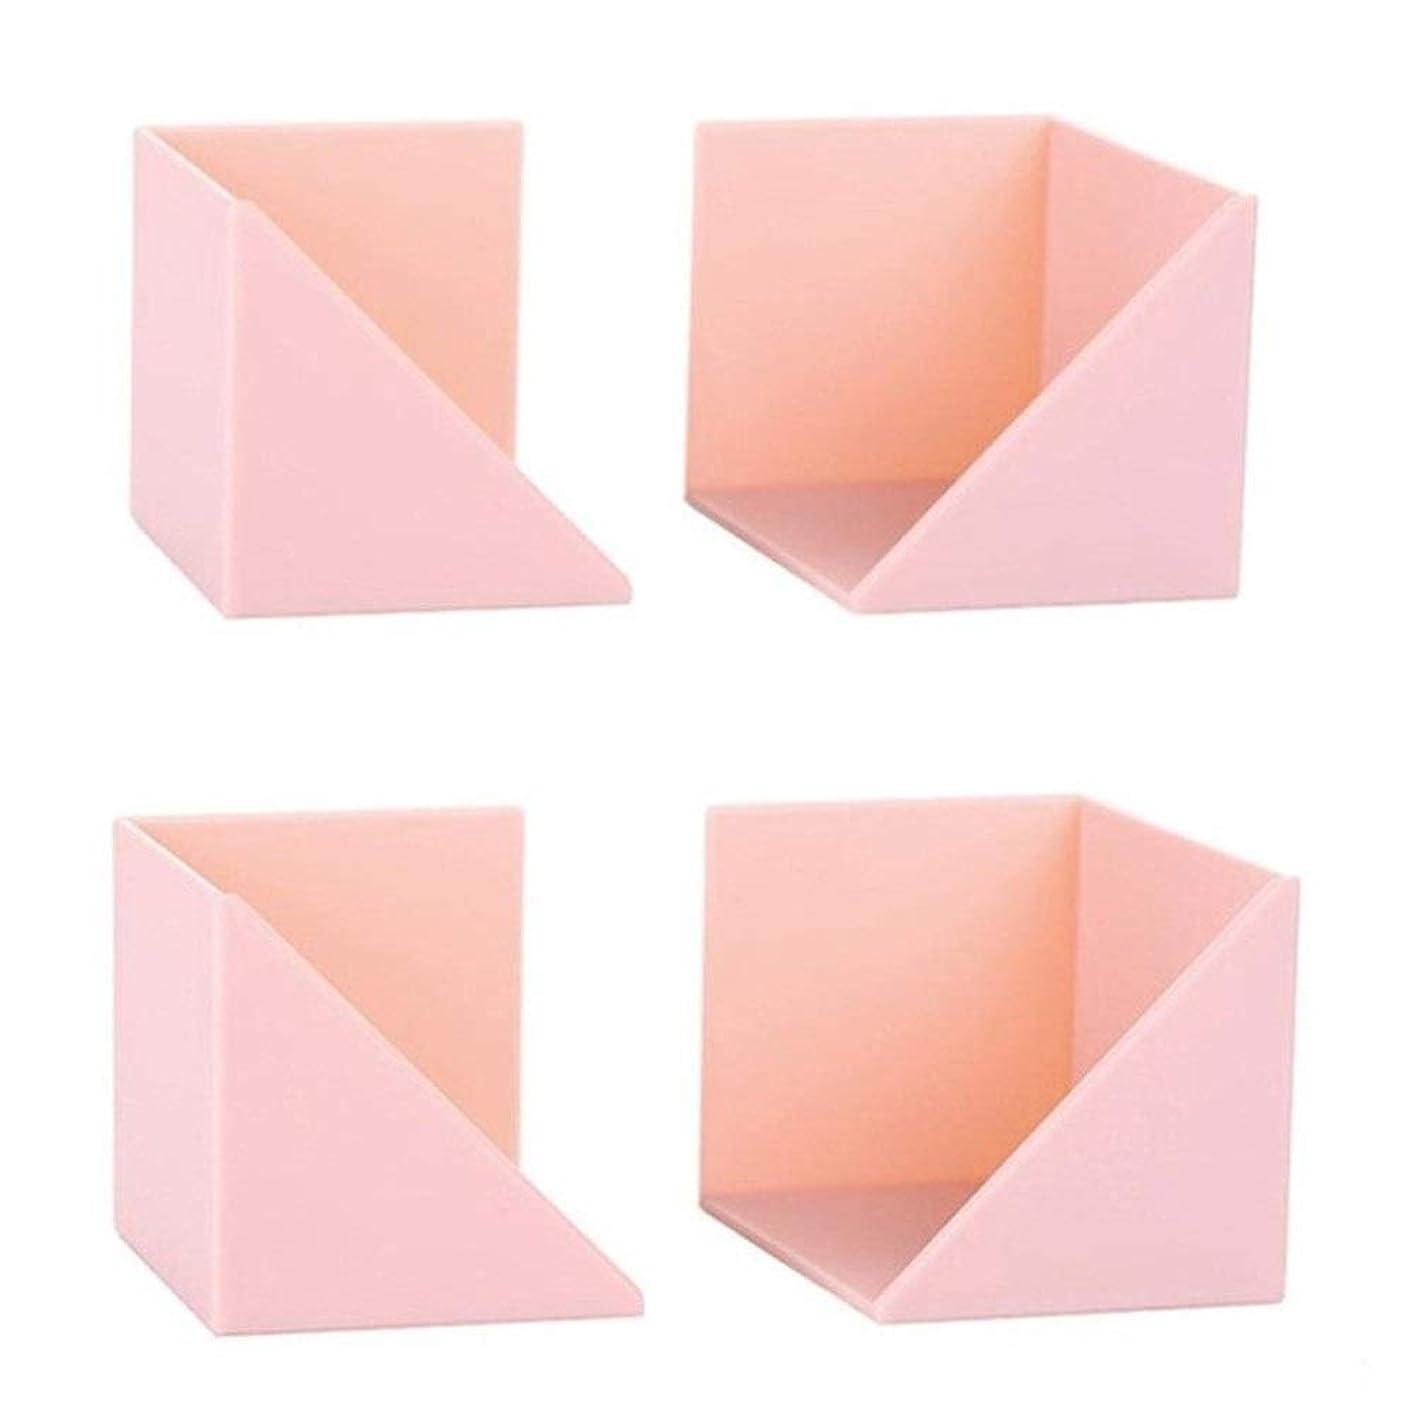 火曜日人種分配します完璧な料理 2セットの北欧スタイル壁掛け装飾ストレージラックバスルーム棚キッチン棚ストレージは壁の装飾ストレージラック エレガントでスタイリッシ (Color : Pink)